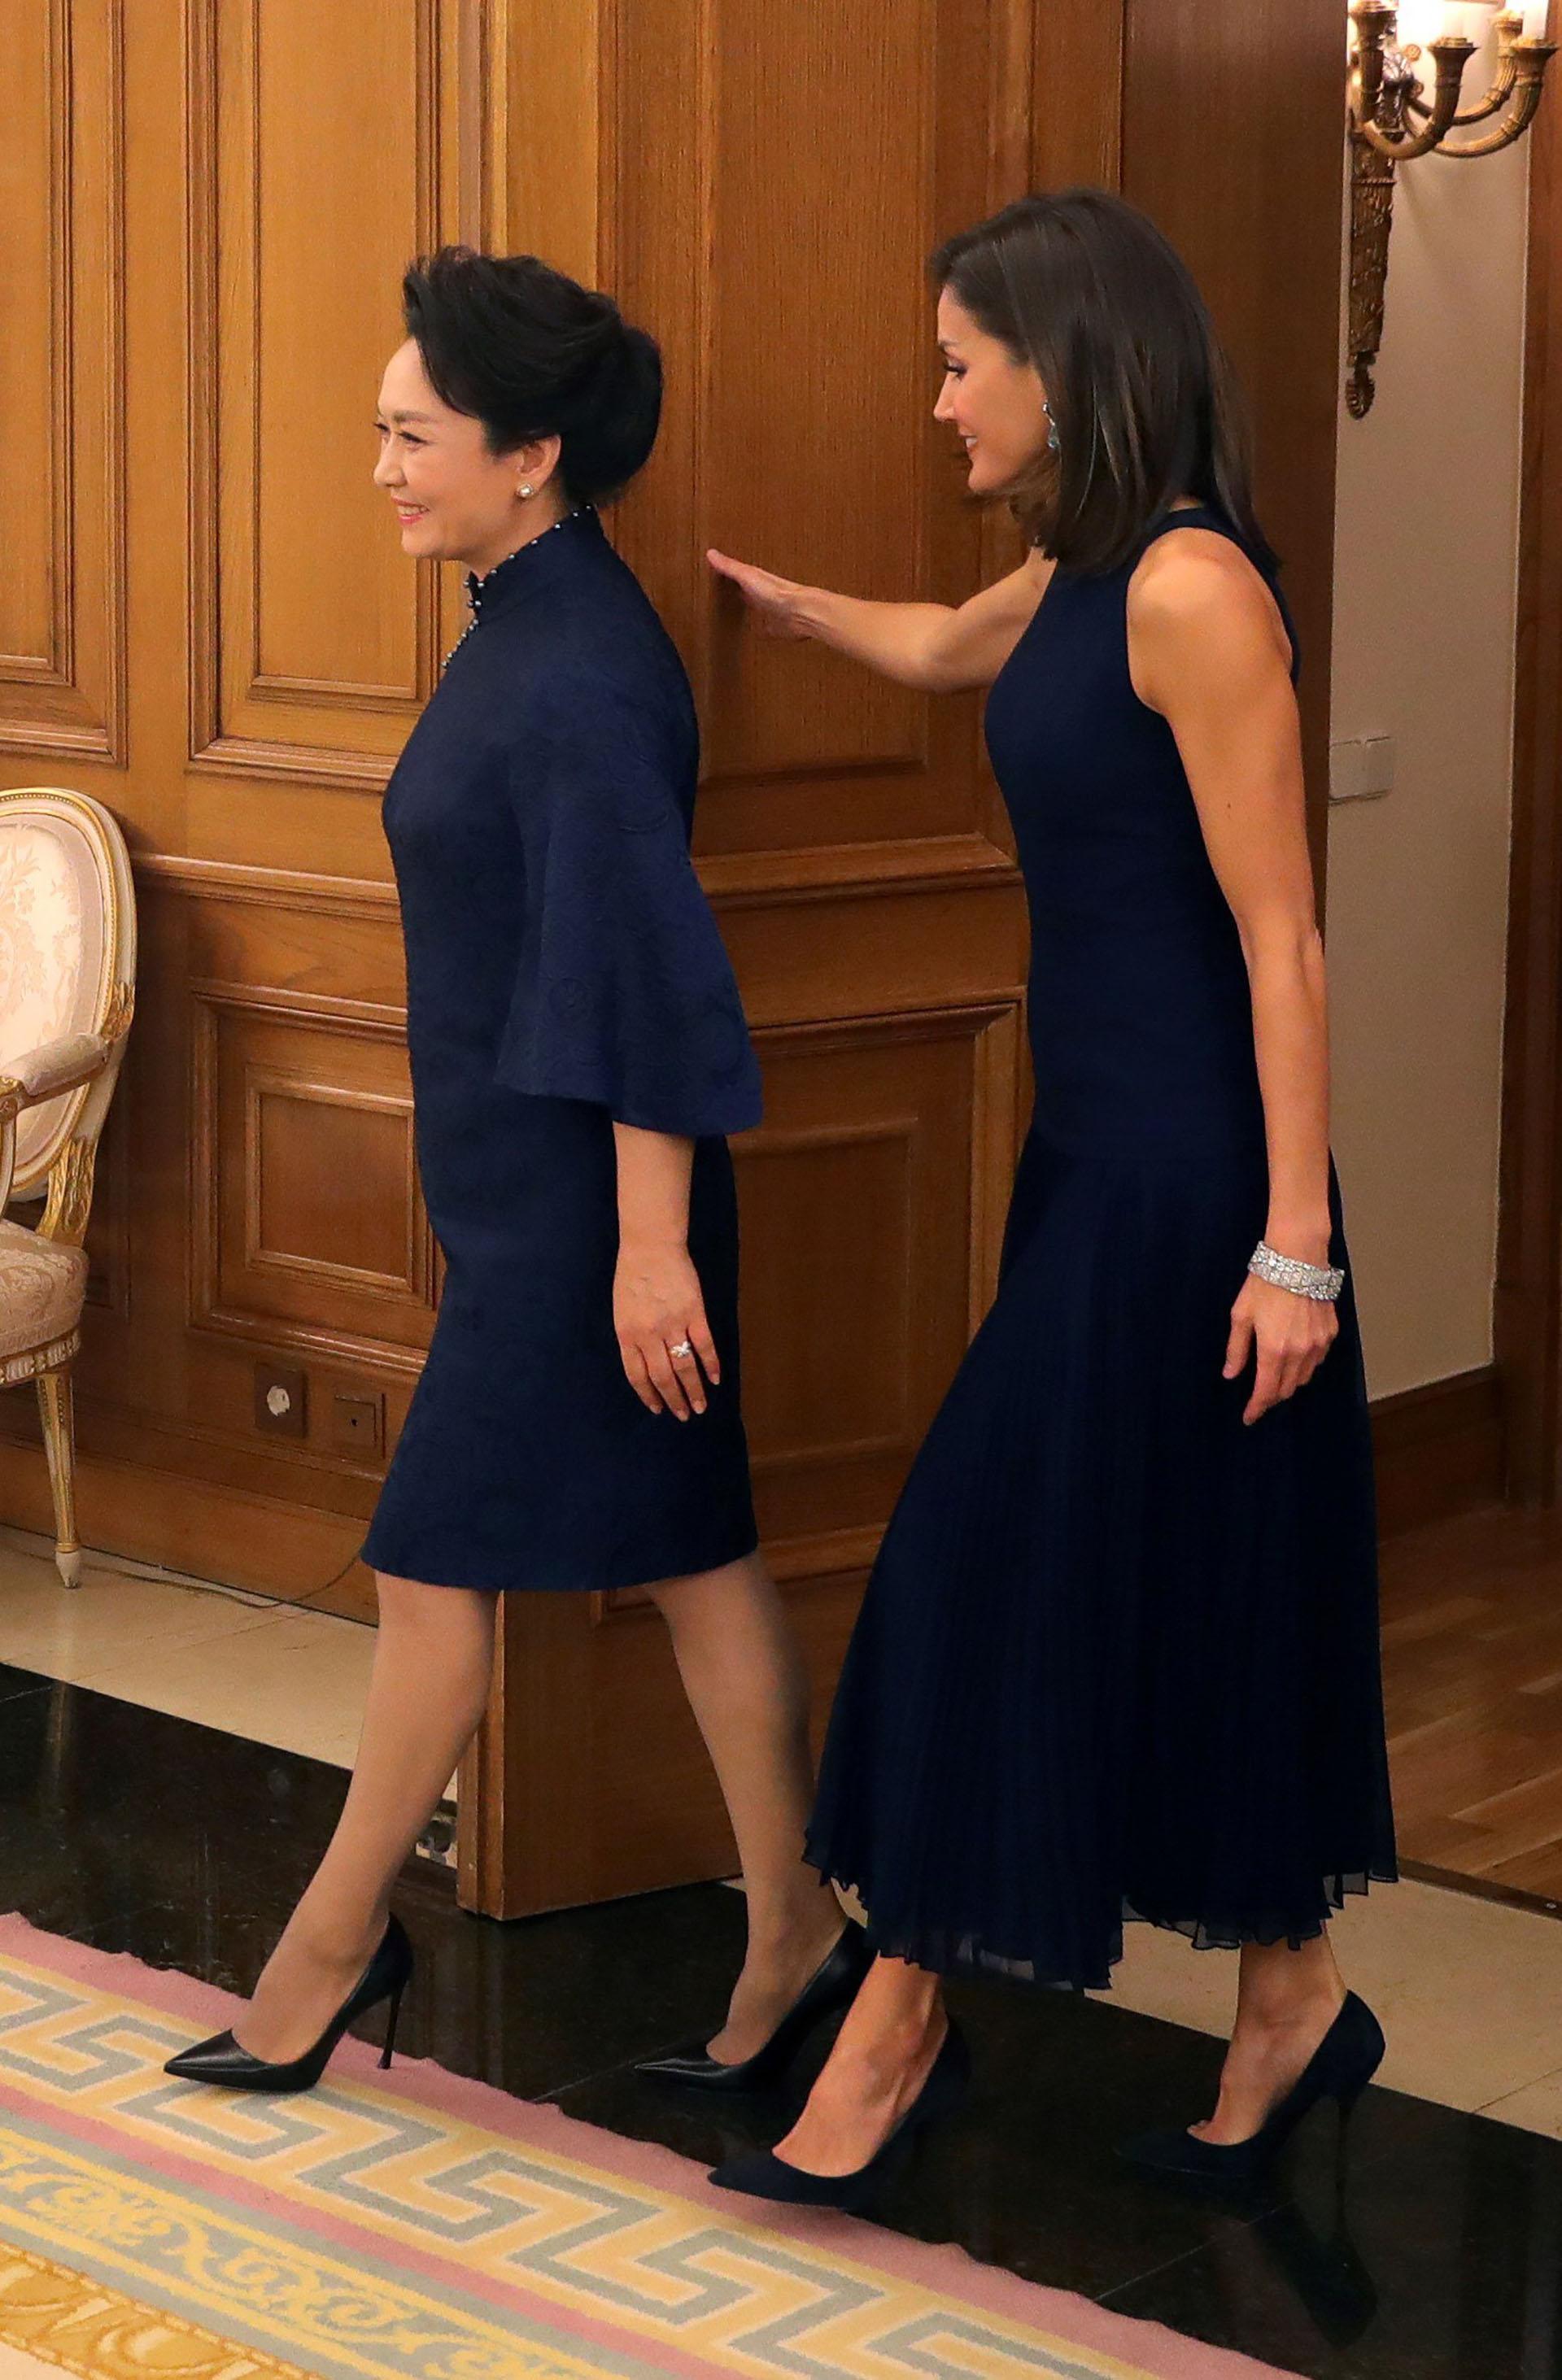 Ambas mujeres caminan juntas luciendo vestidos azules y stilettos negros. El 15 de septiembre, Letizia cumplió 46 años y lo festejó en la intimidad de su familia